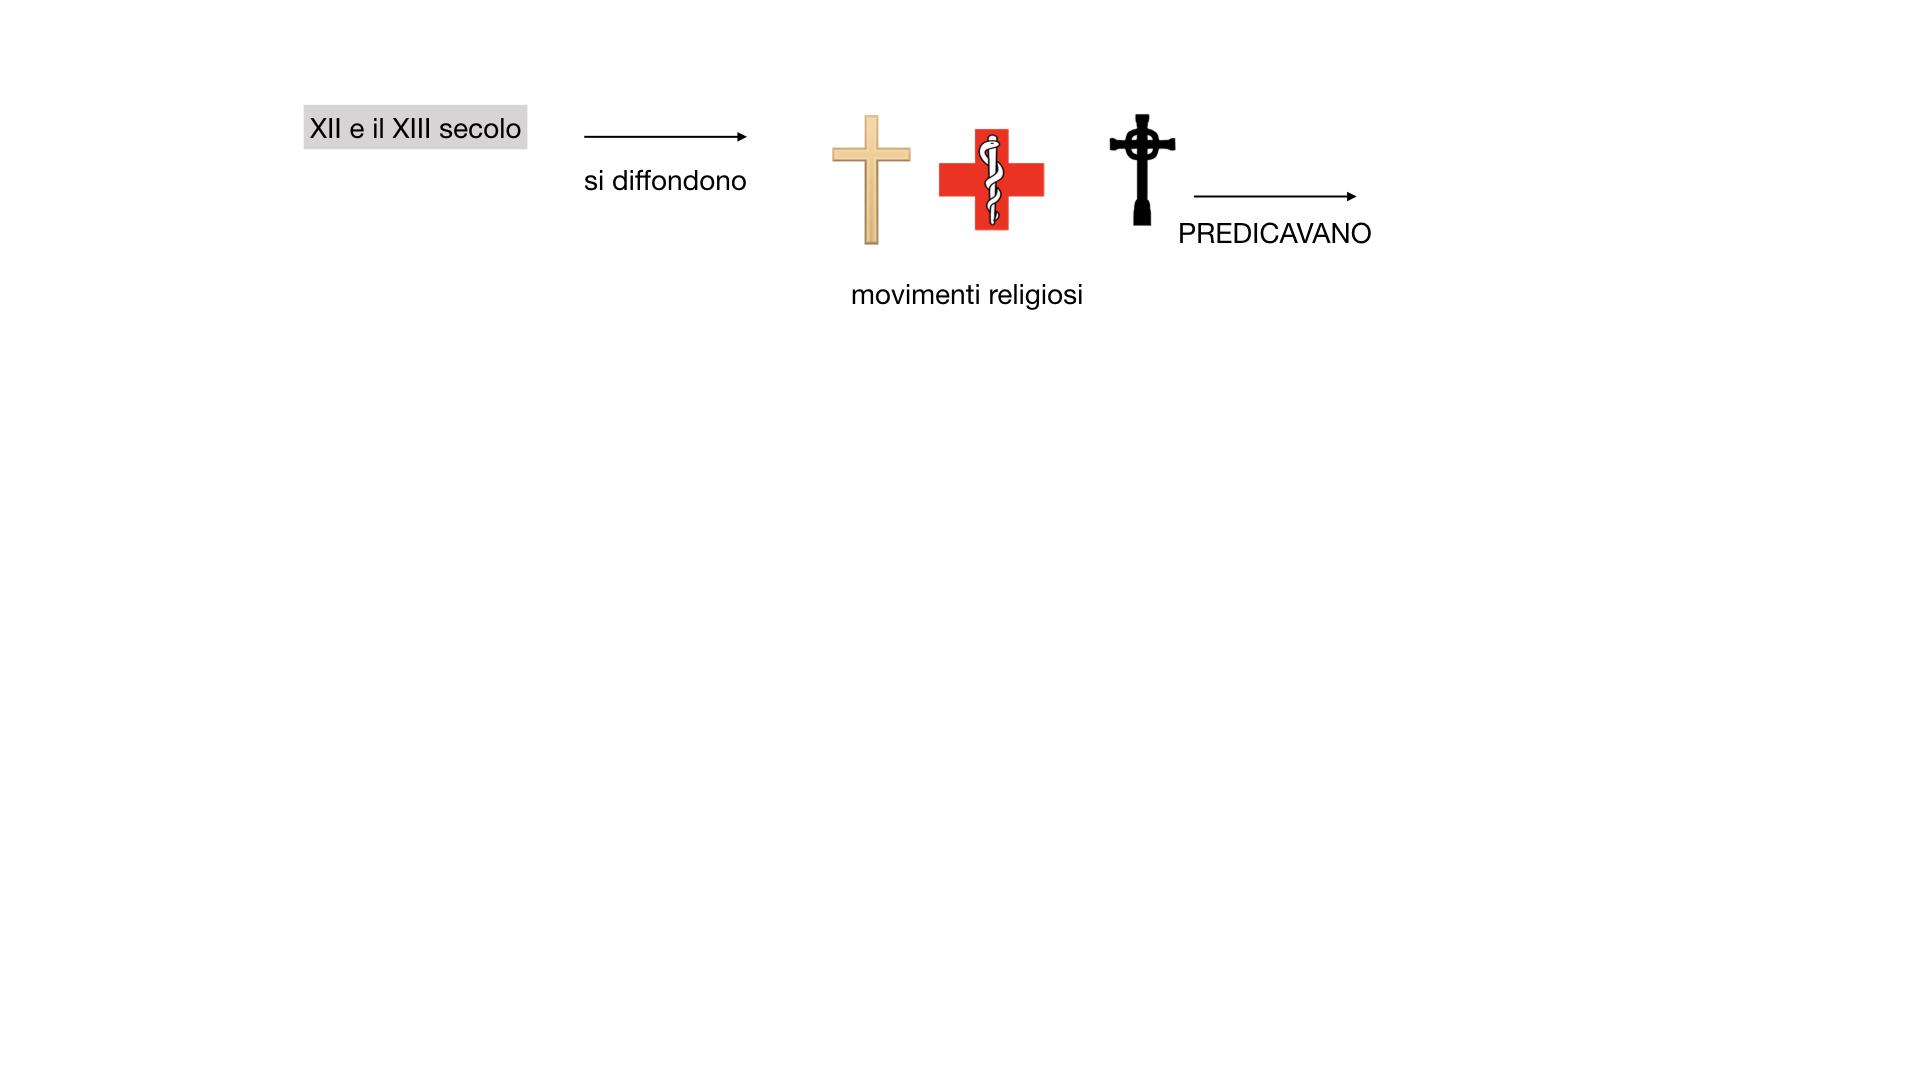 STORIA FEDERICO BARBAROSSA-MOVIMENTI RELIGIOSI_SIMULAZIONE_estesa.054